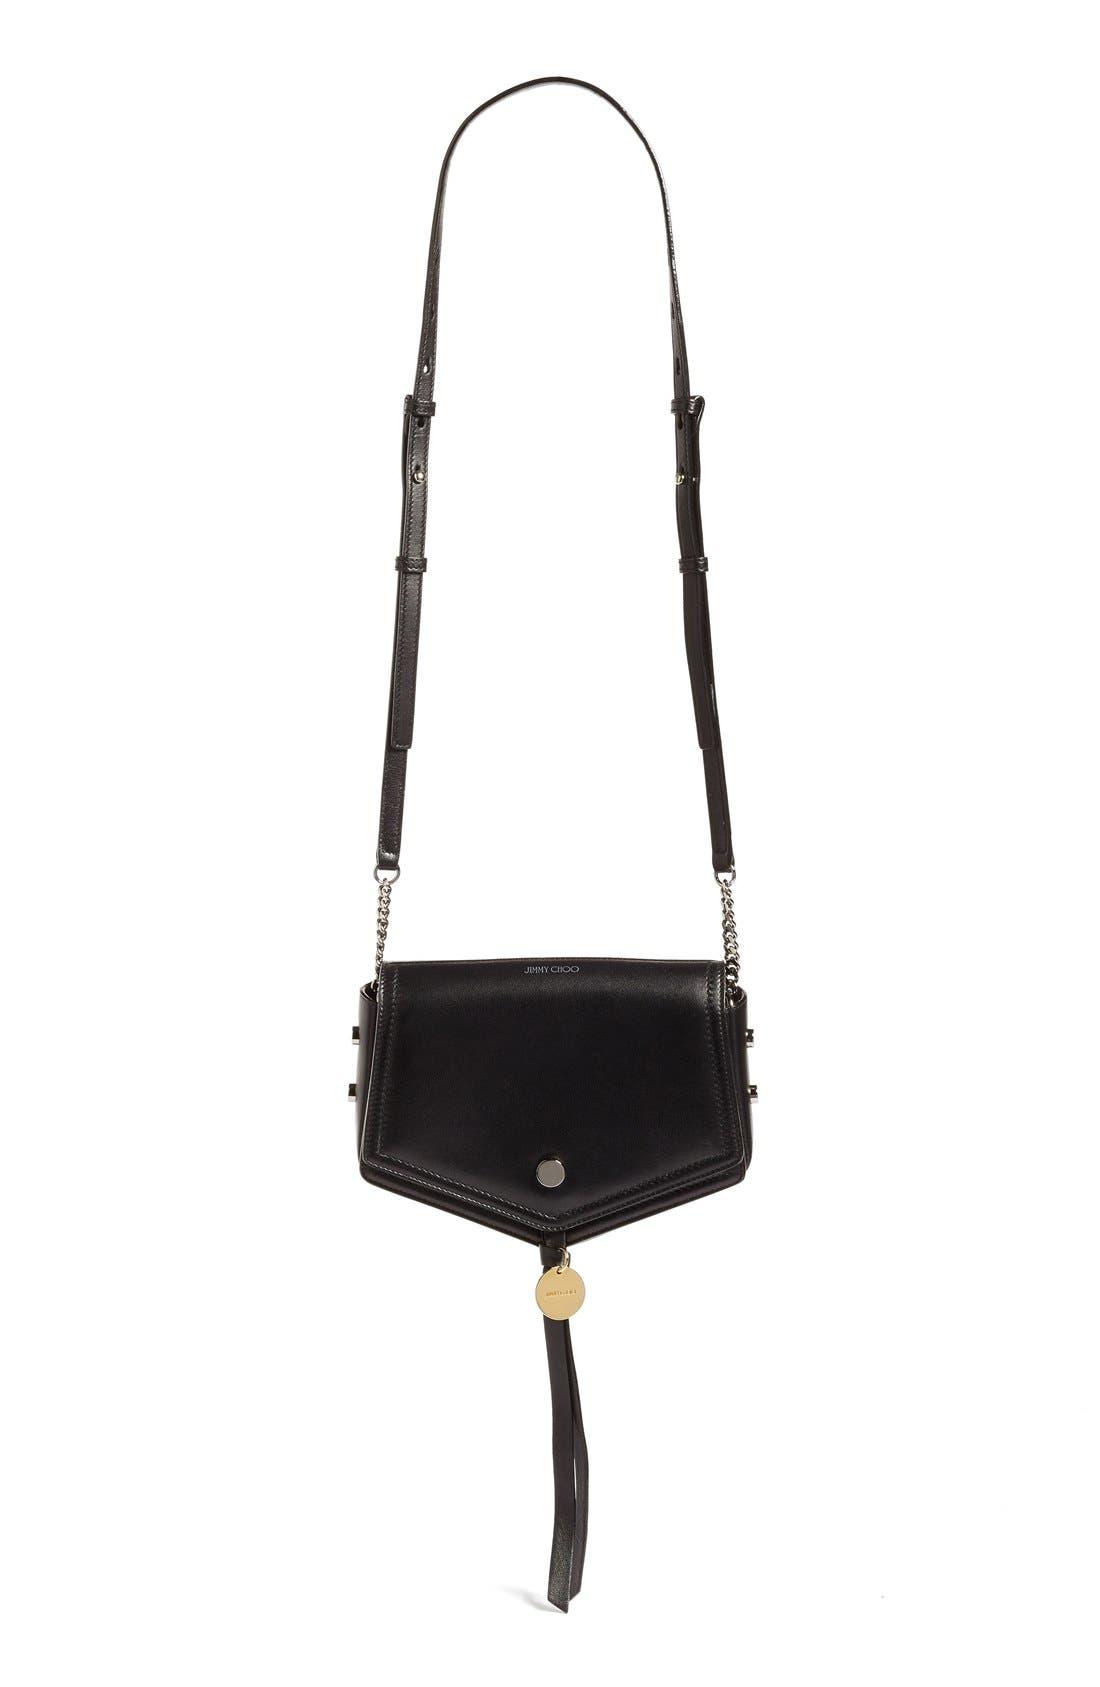 Alternate Image 1 Selected - Jimmy Choo Arrow Leather Shoulder Bag